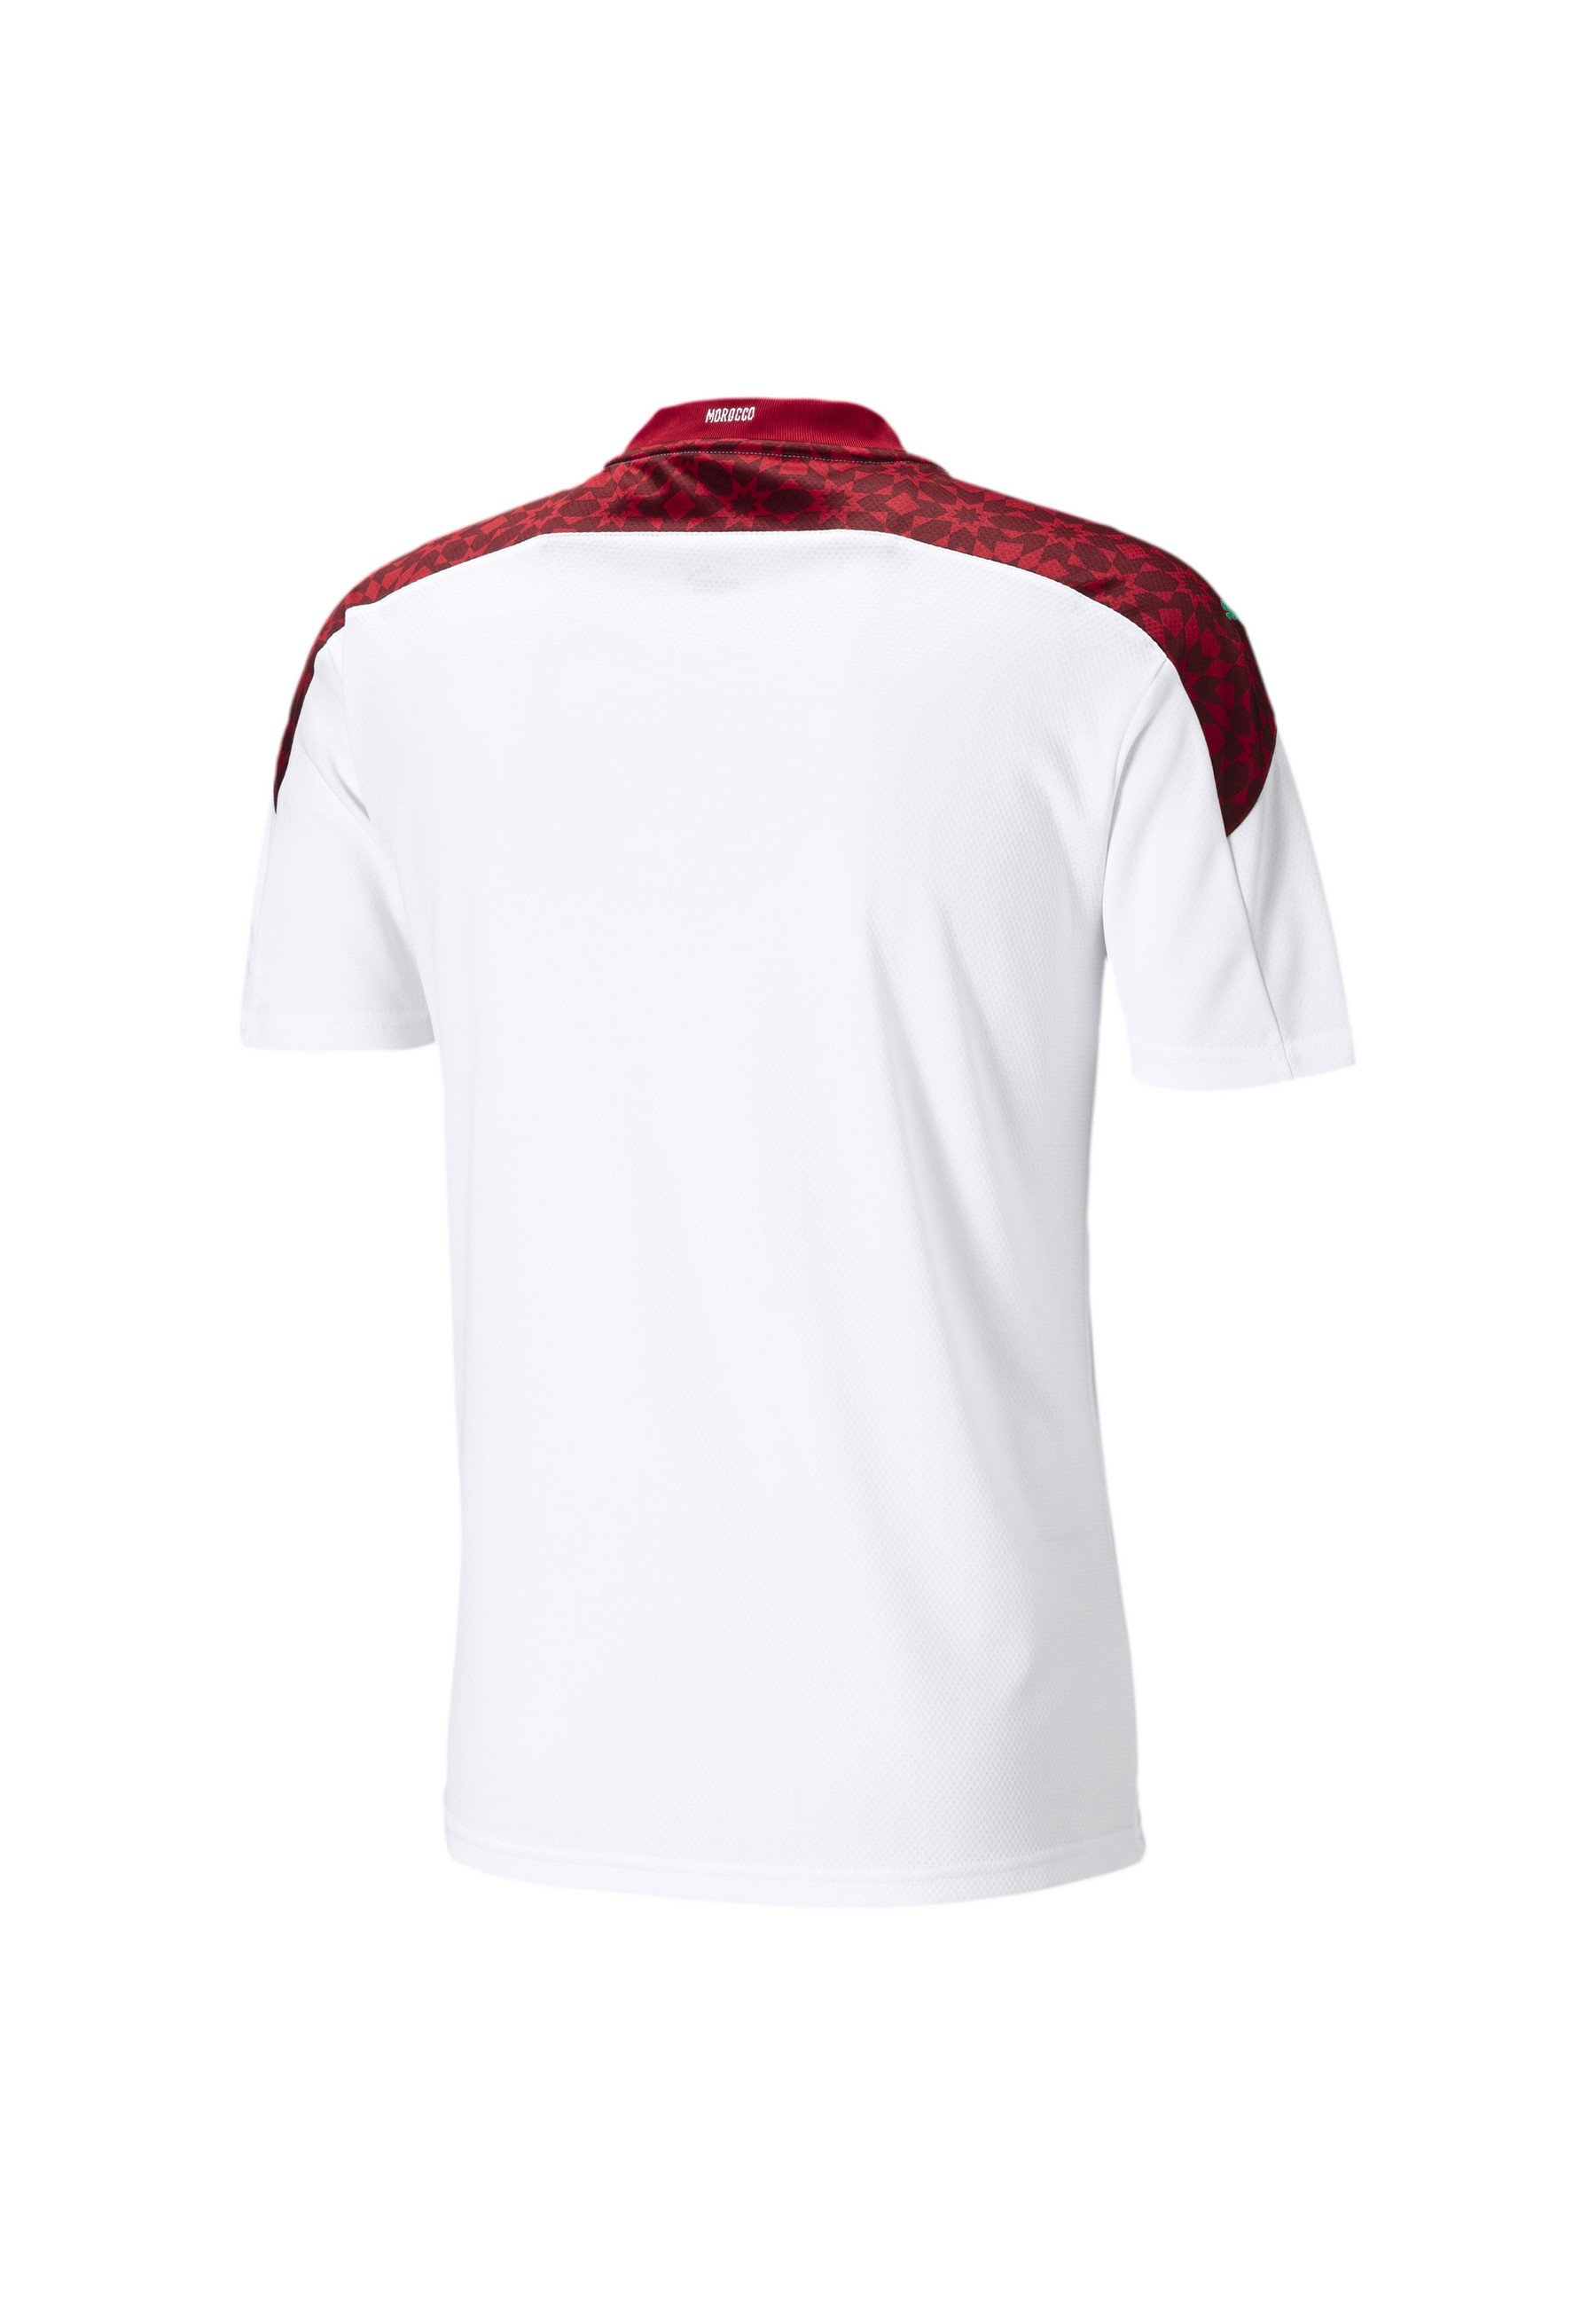 Homme MOROCCO AWAY REPLICA  - T-shirt imprimé